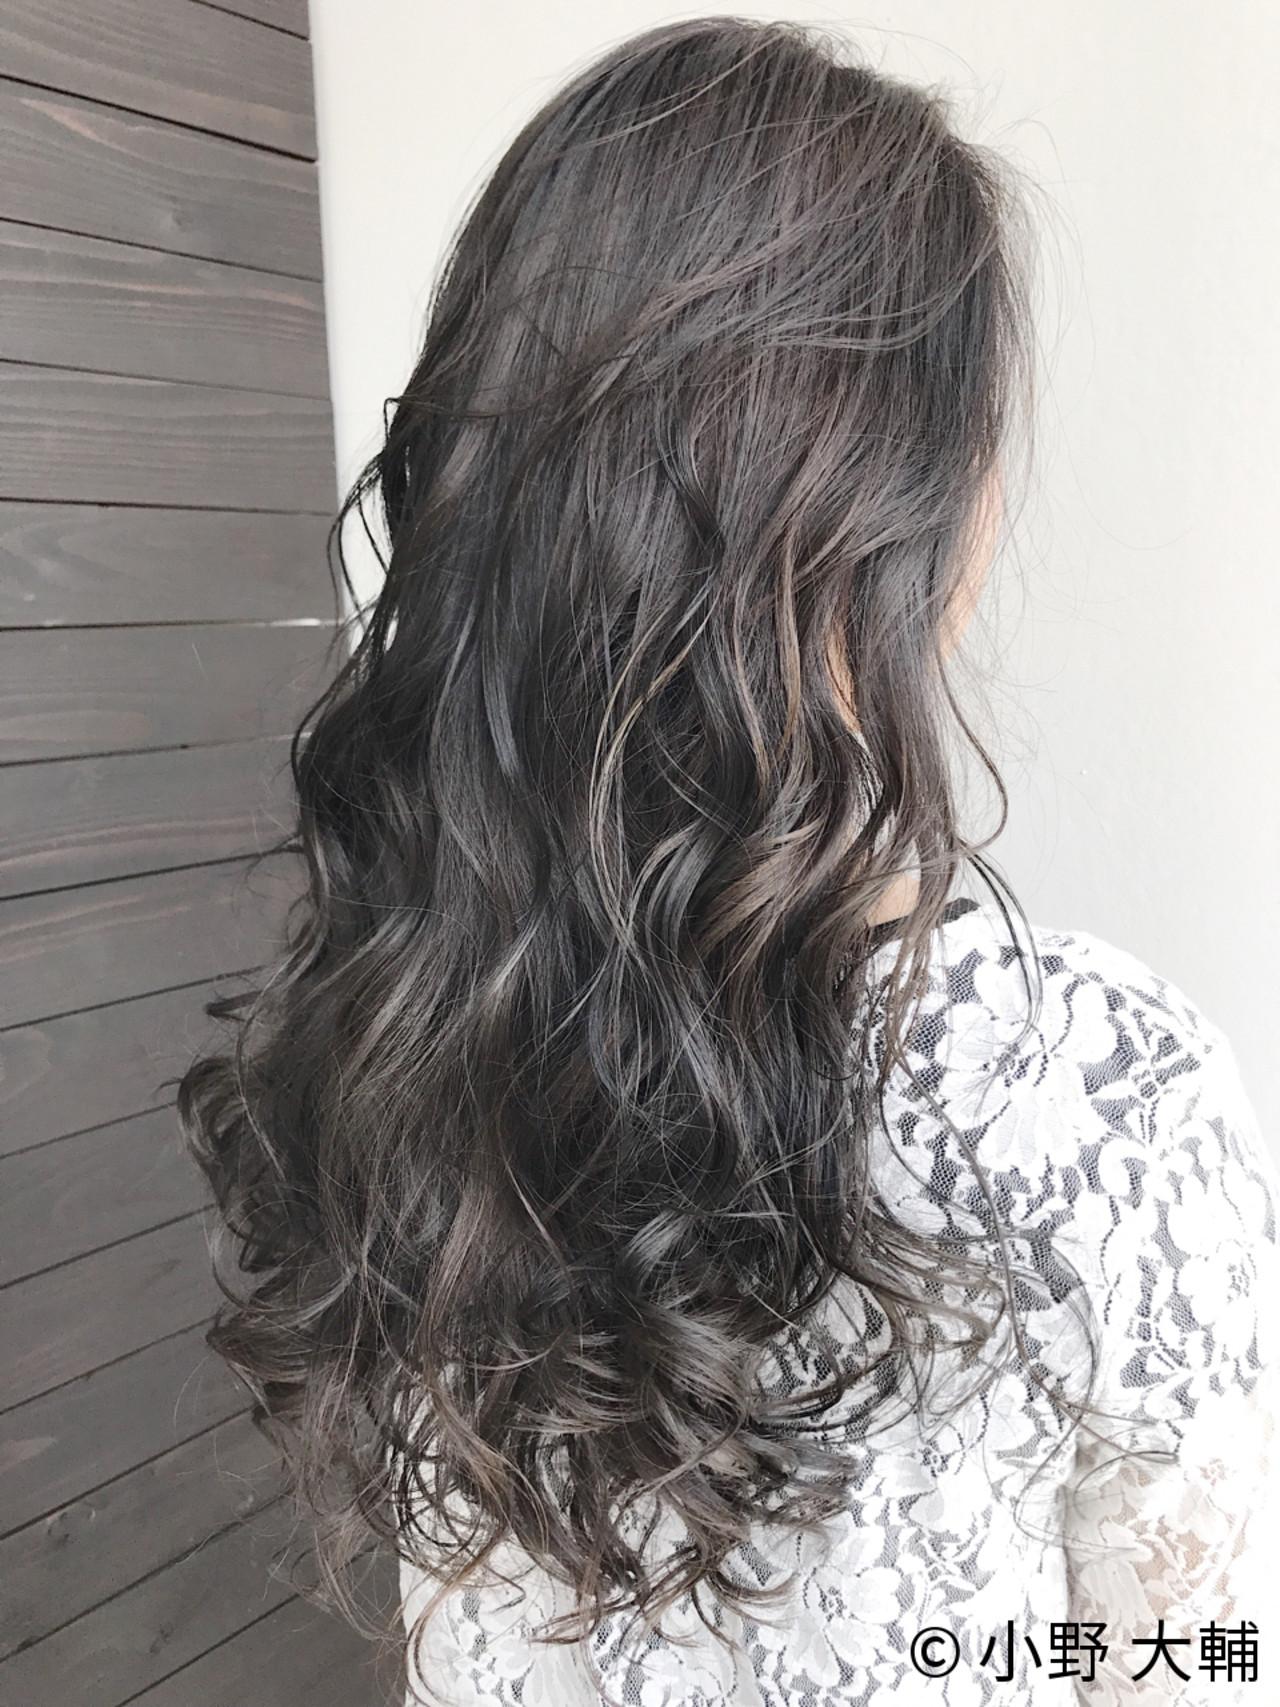 ナチュラル 透明感 外国人風カラー 冬 ヘアスタイルや髪型の写真・画像 | 小野 大輔 / OHIA  for plumeria